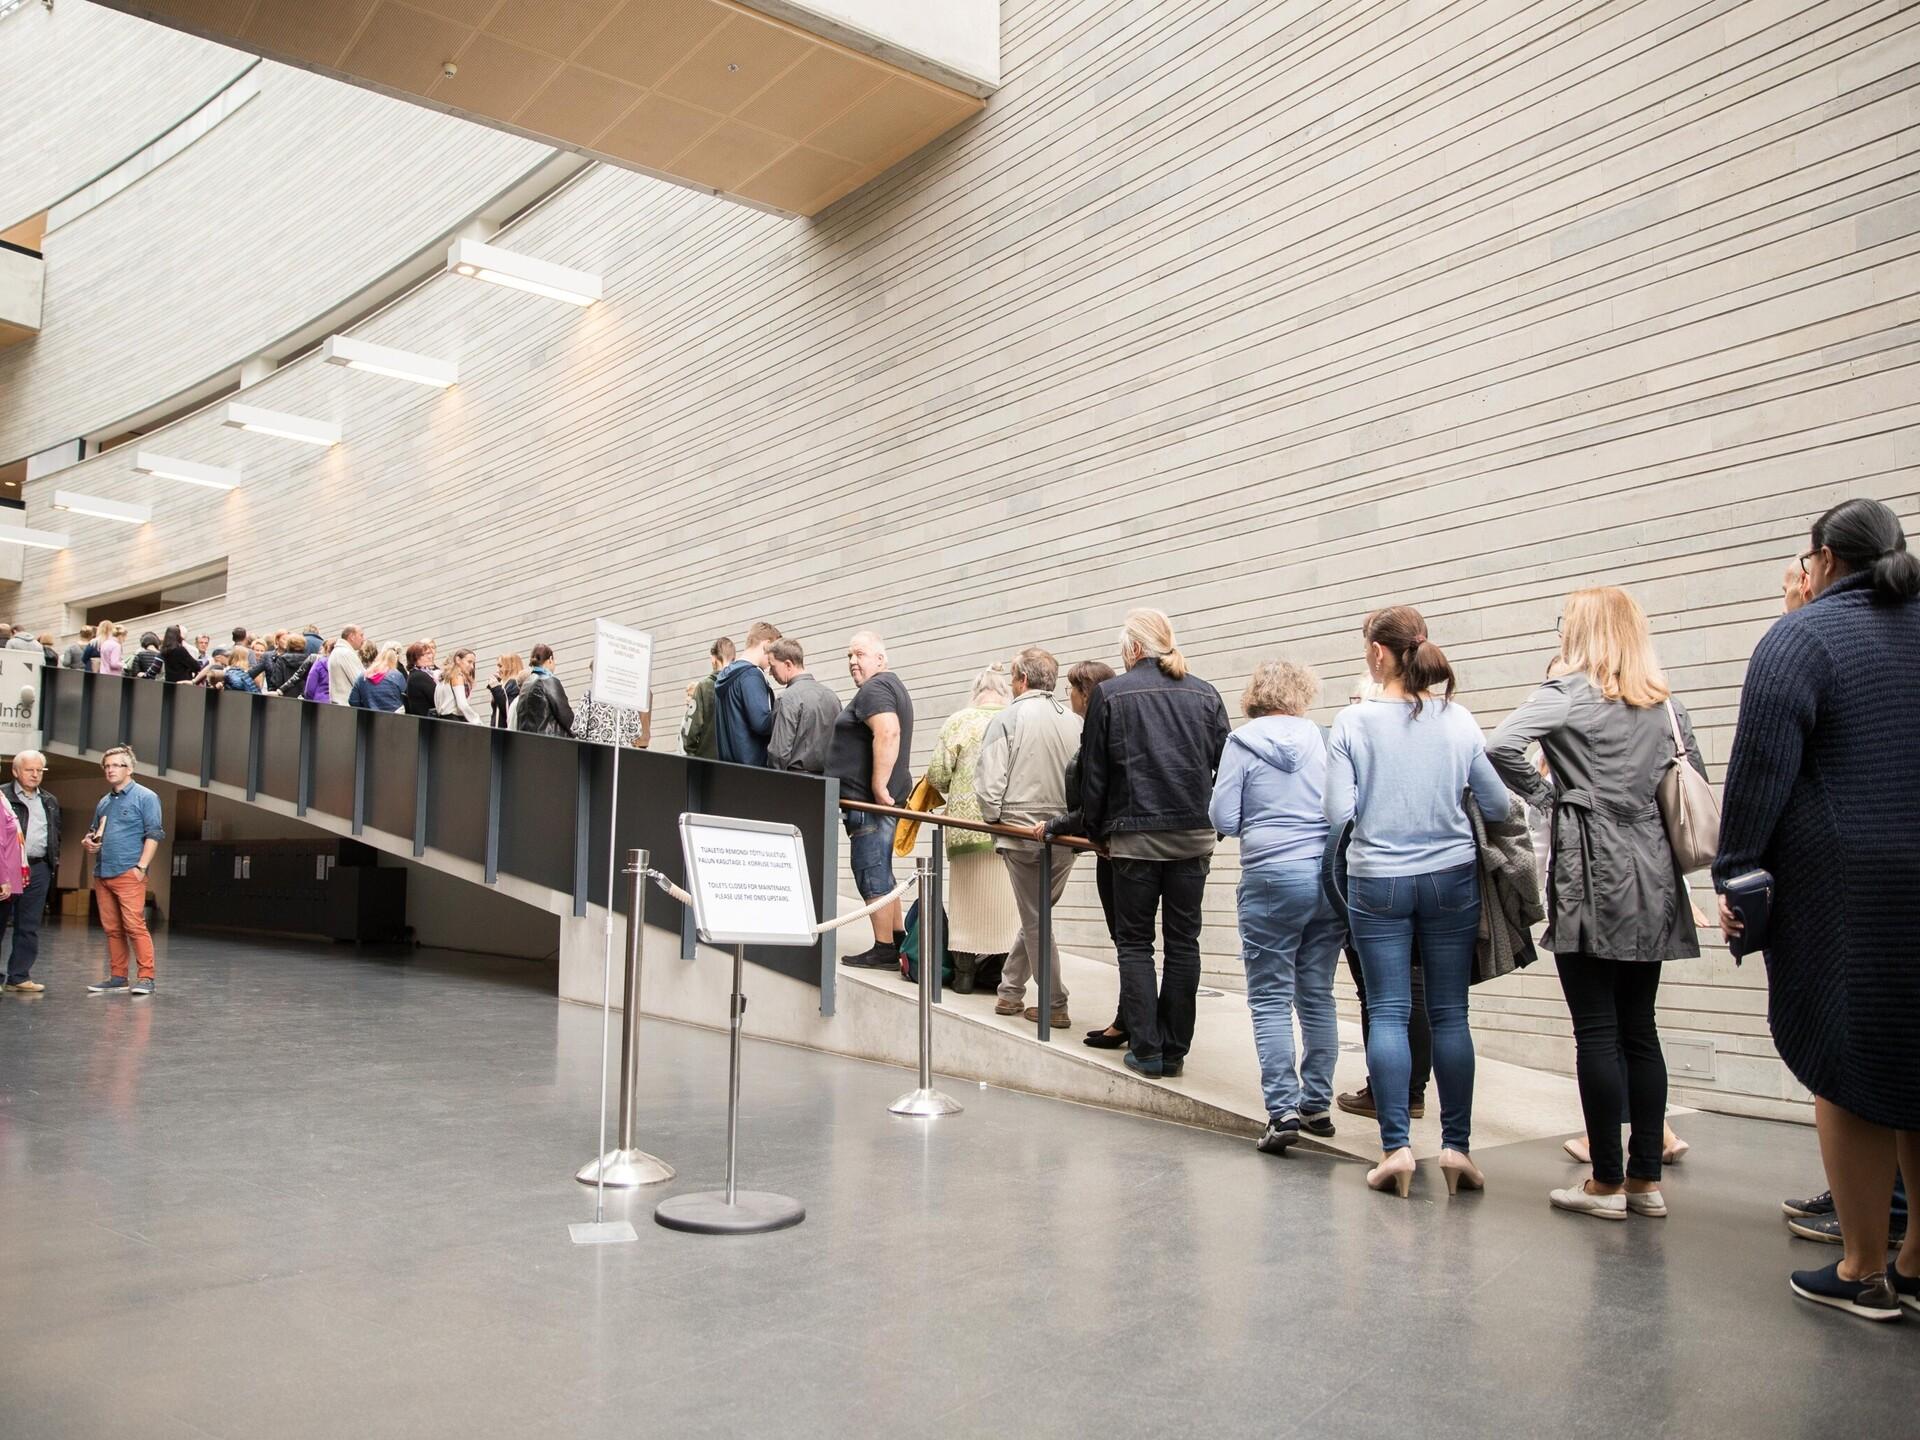 7ce5a5cf6c0 Galerii: Sittowi näituse viimastel päevadel tuli järjekorras seista üle  tunni aja   Muuseumid   ERR